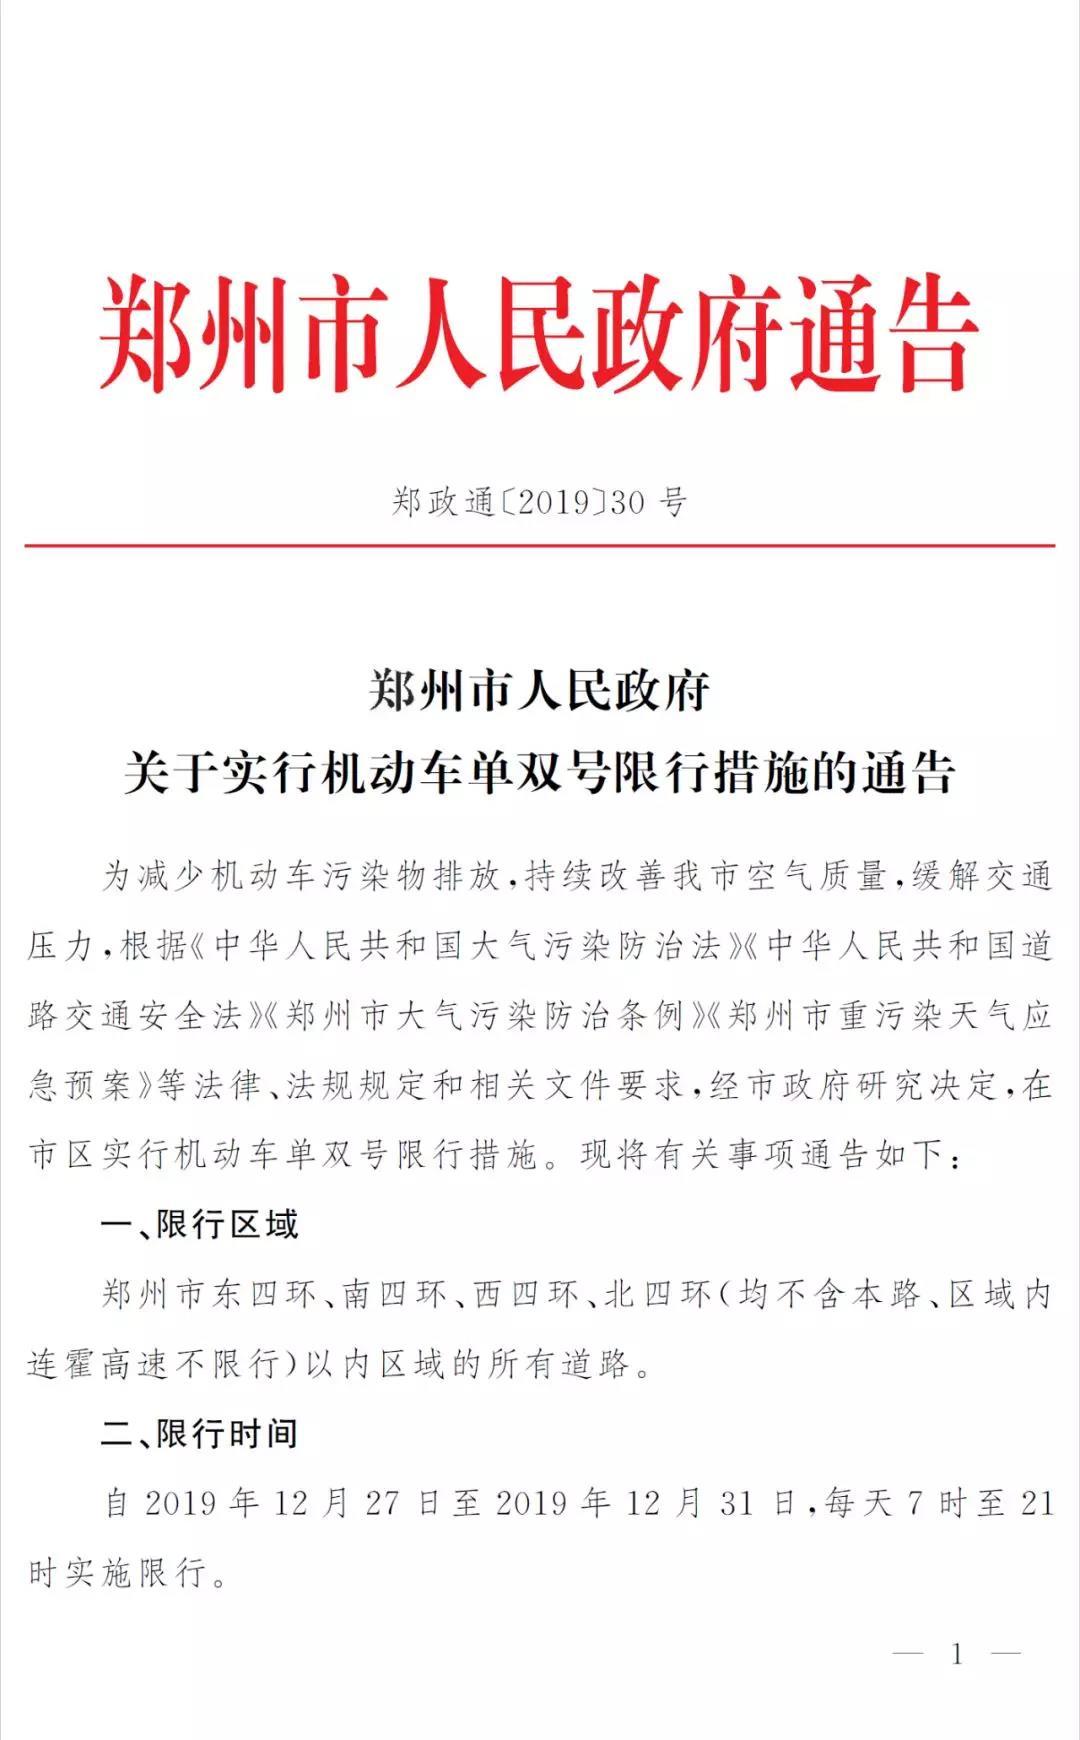 2019年郑州单又号限政府公告